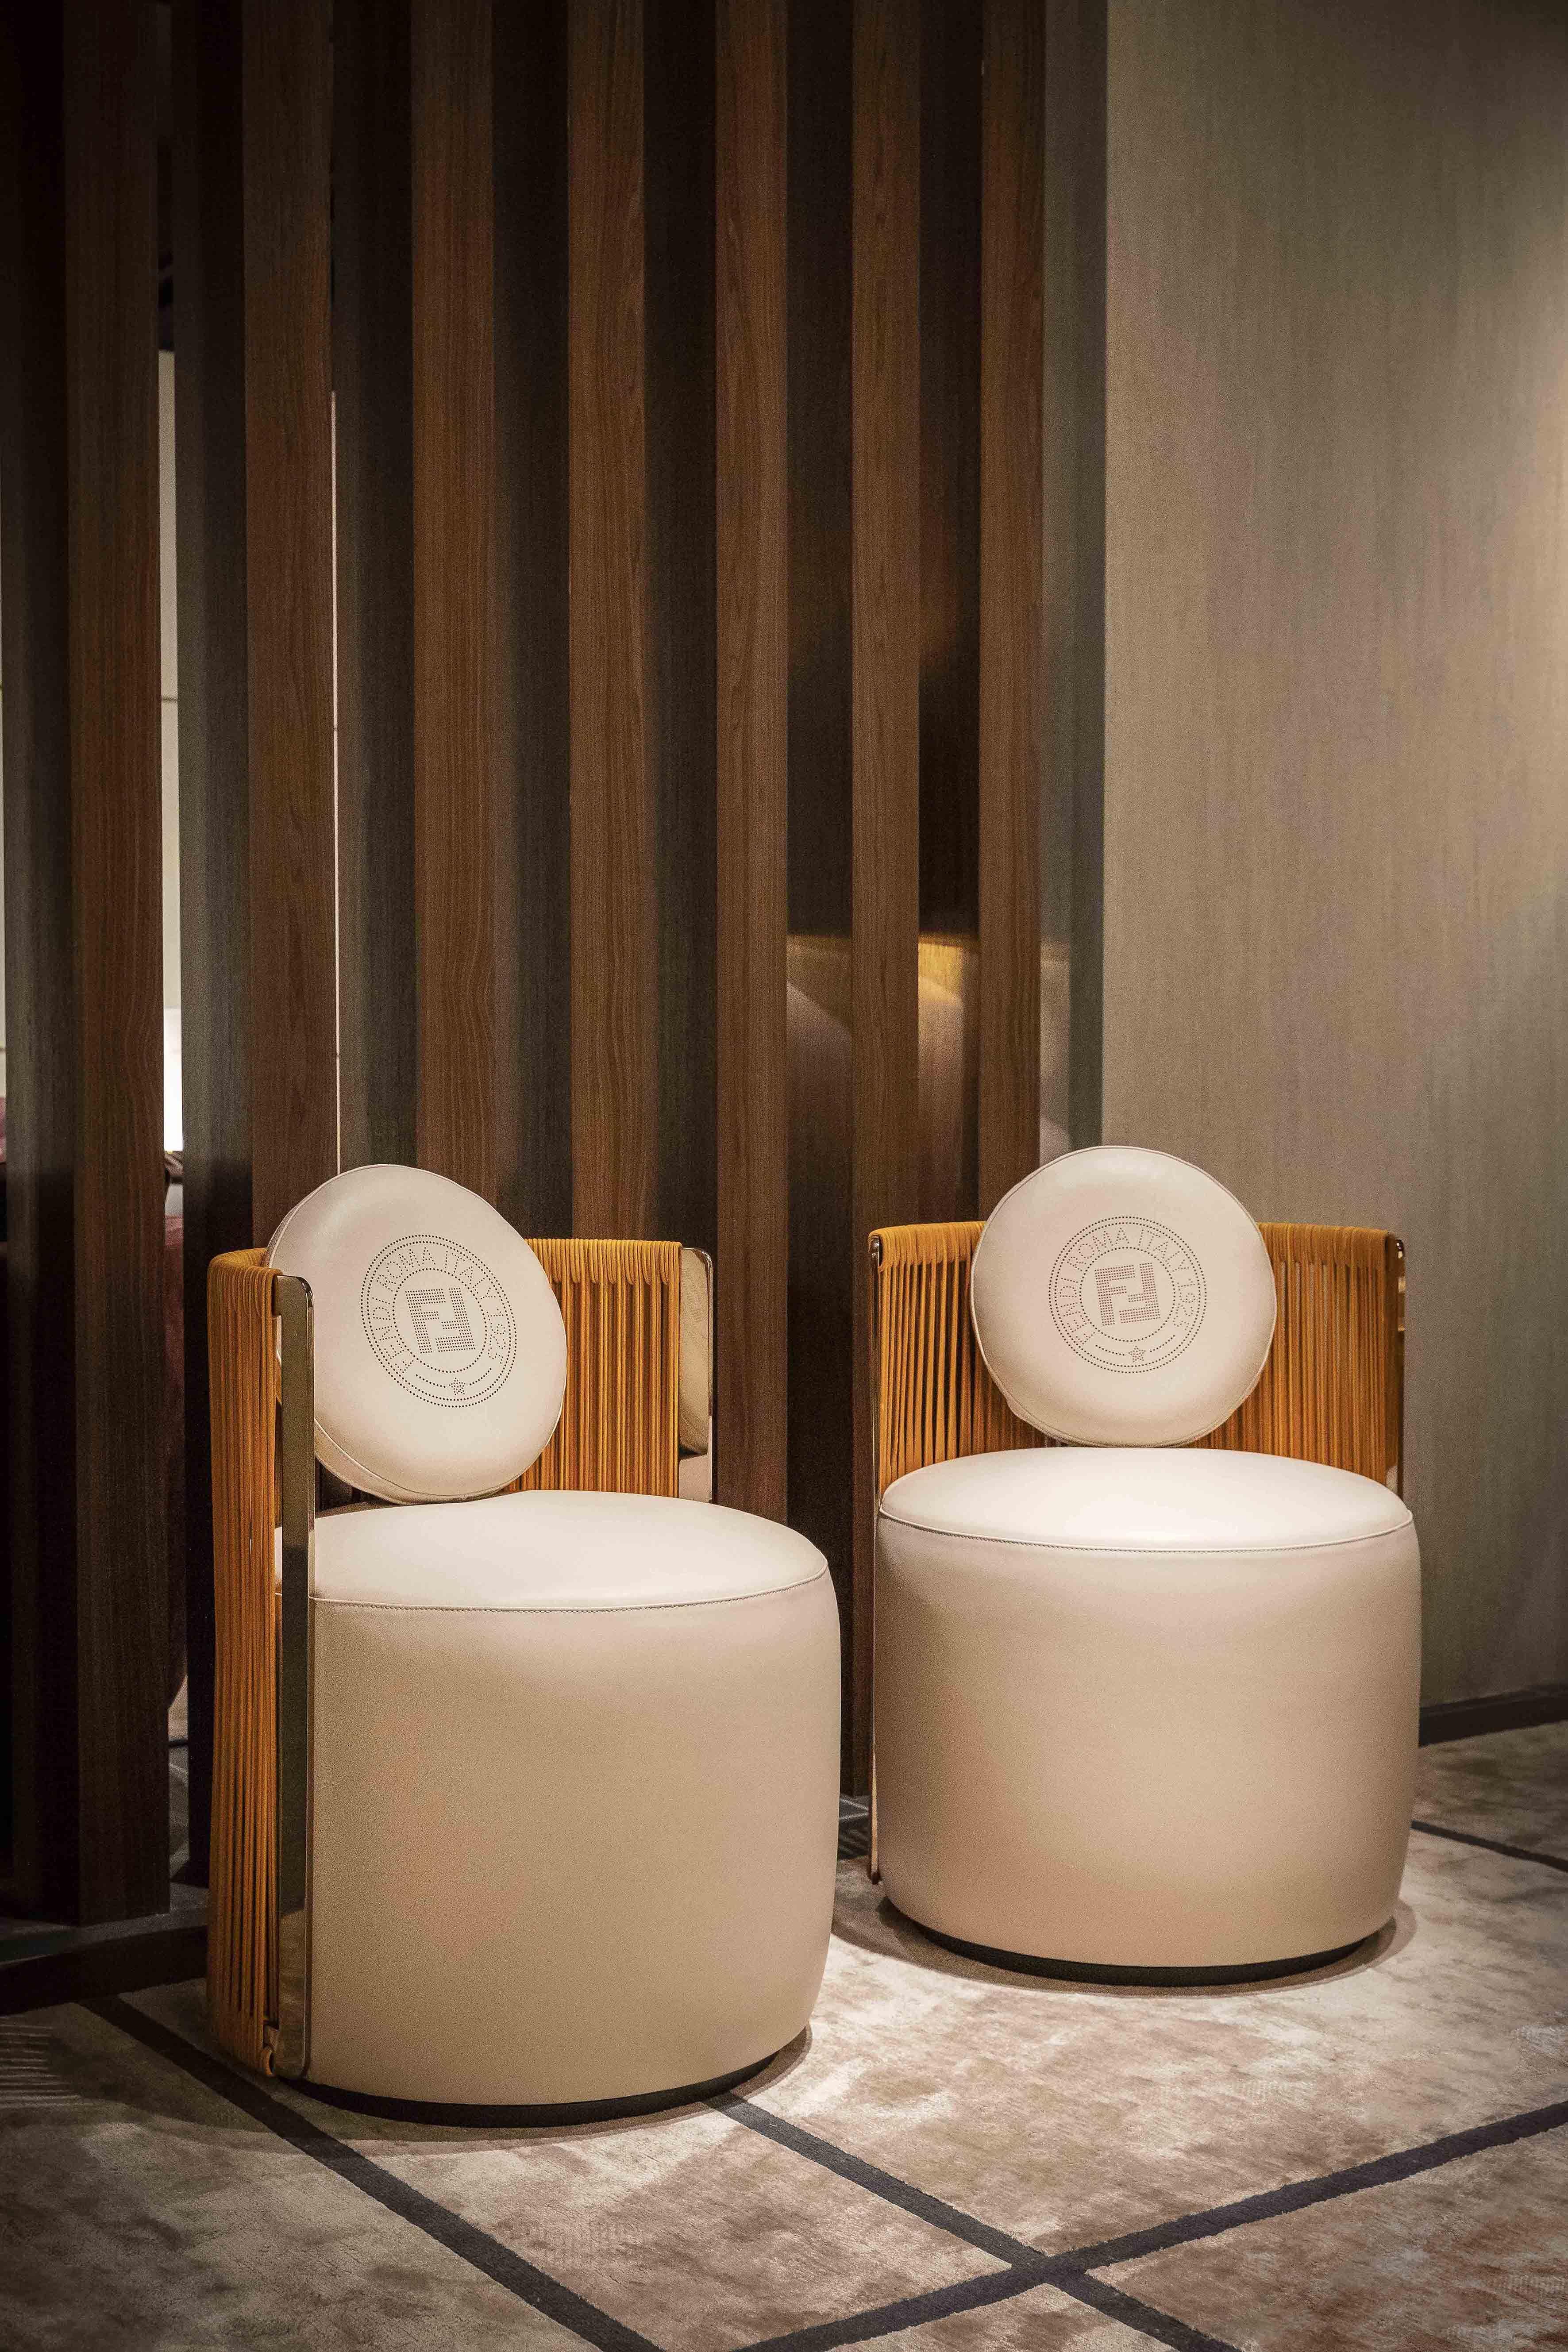 #armchair #chair #Fendi #interiordesign #luxuryfurniture #madeinitaly #LuxuryLivingGroup